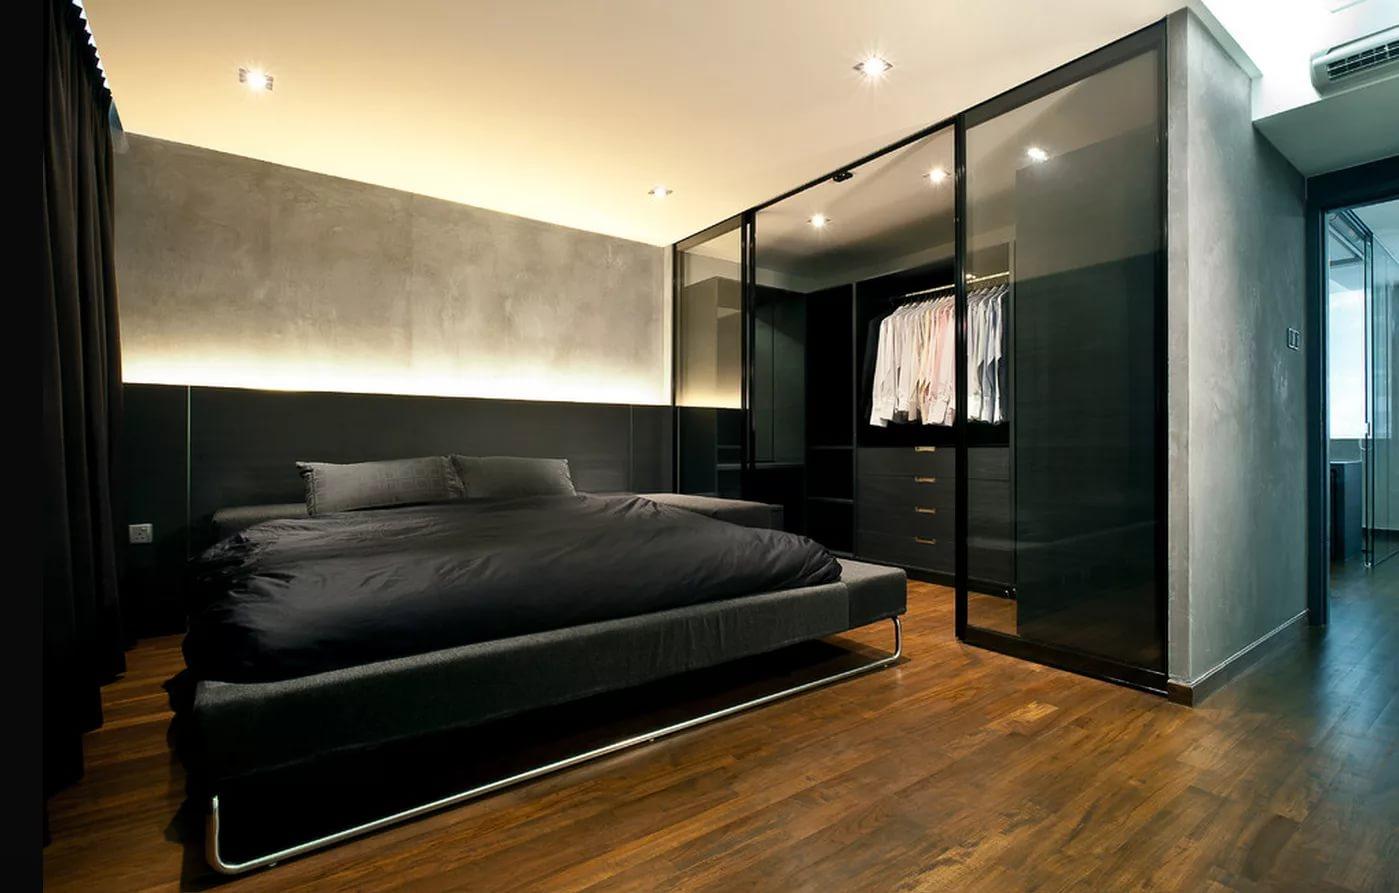 Mannerschlafzimmer 52 Fotos Ein Schlafzimmer Im Stil Des Minimalismus Ein Stilvolles Interieur Fur Manner